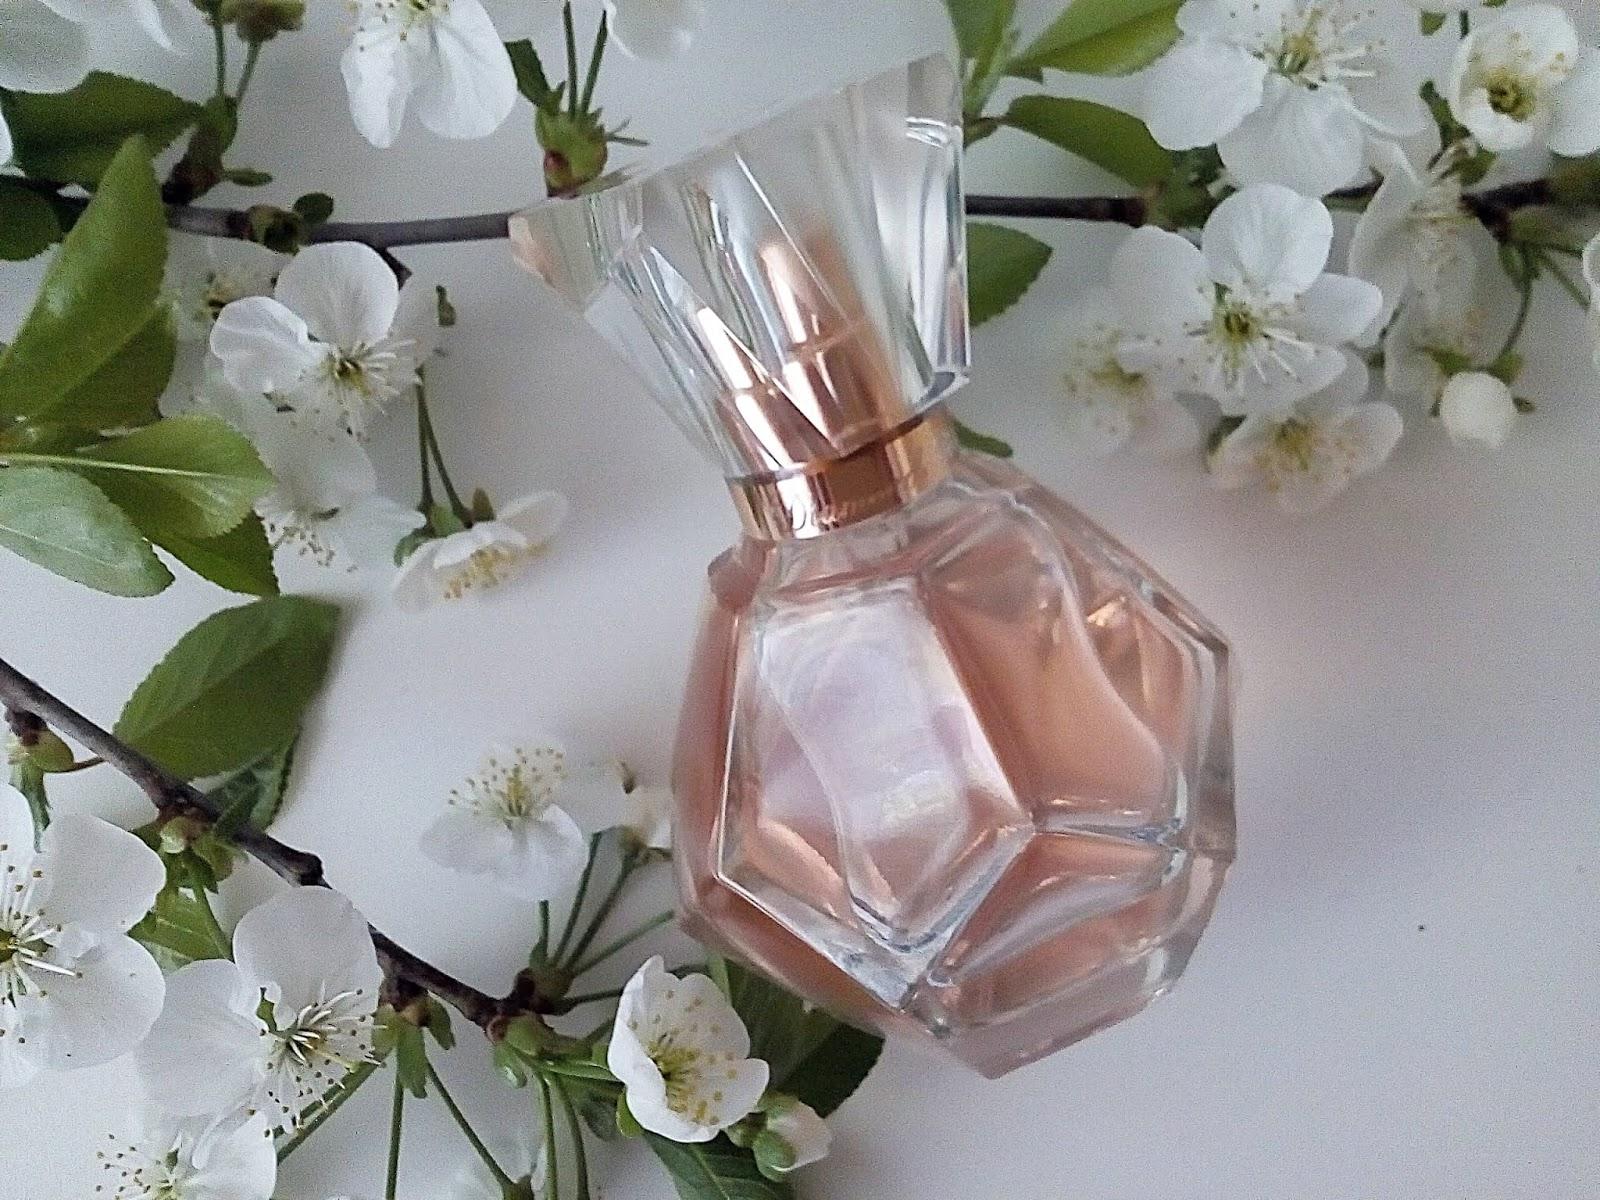 Diamonds Blush woda perfumowana - nuta elegancji zamknięta w pięknym flakoniku